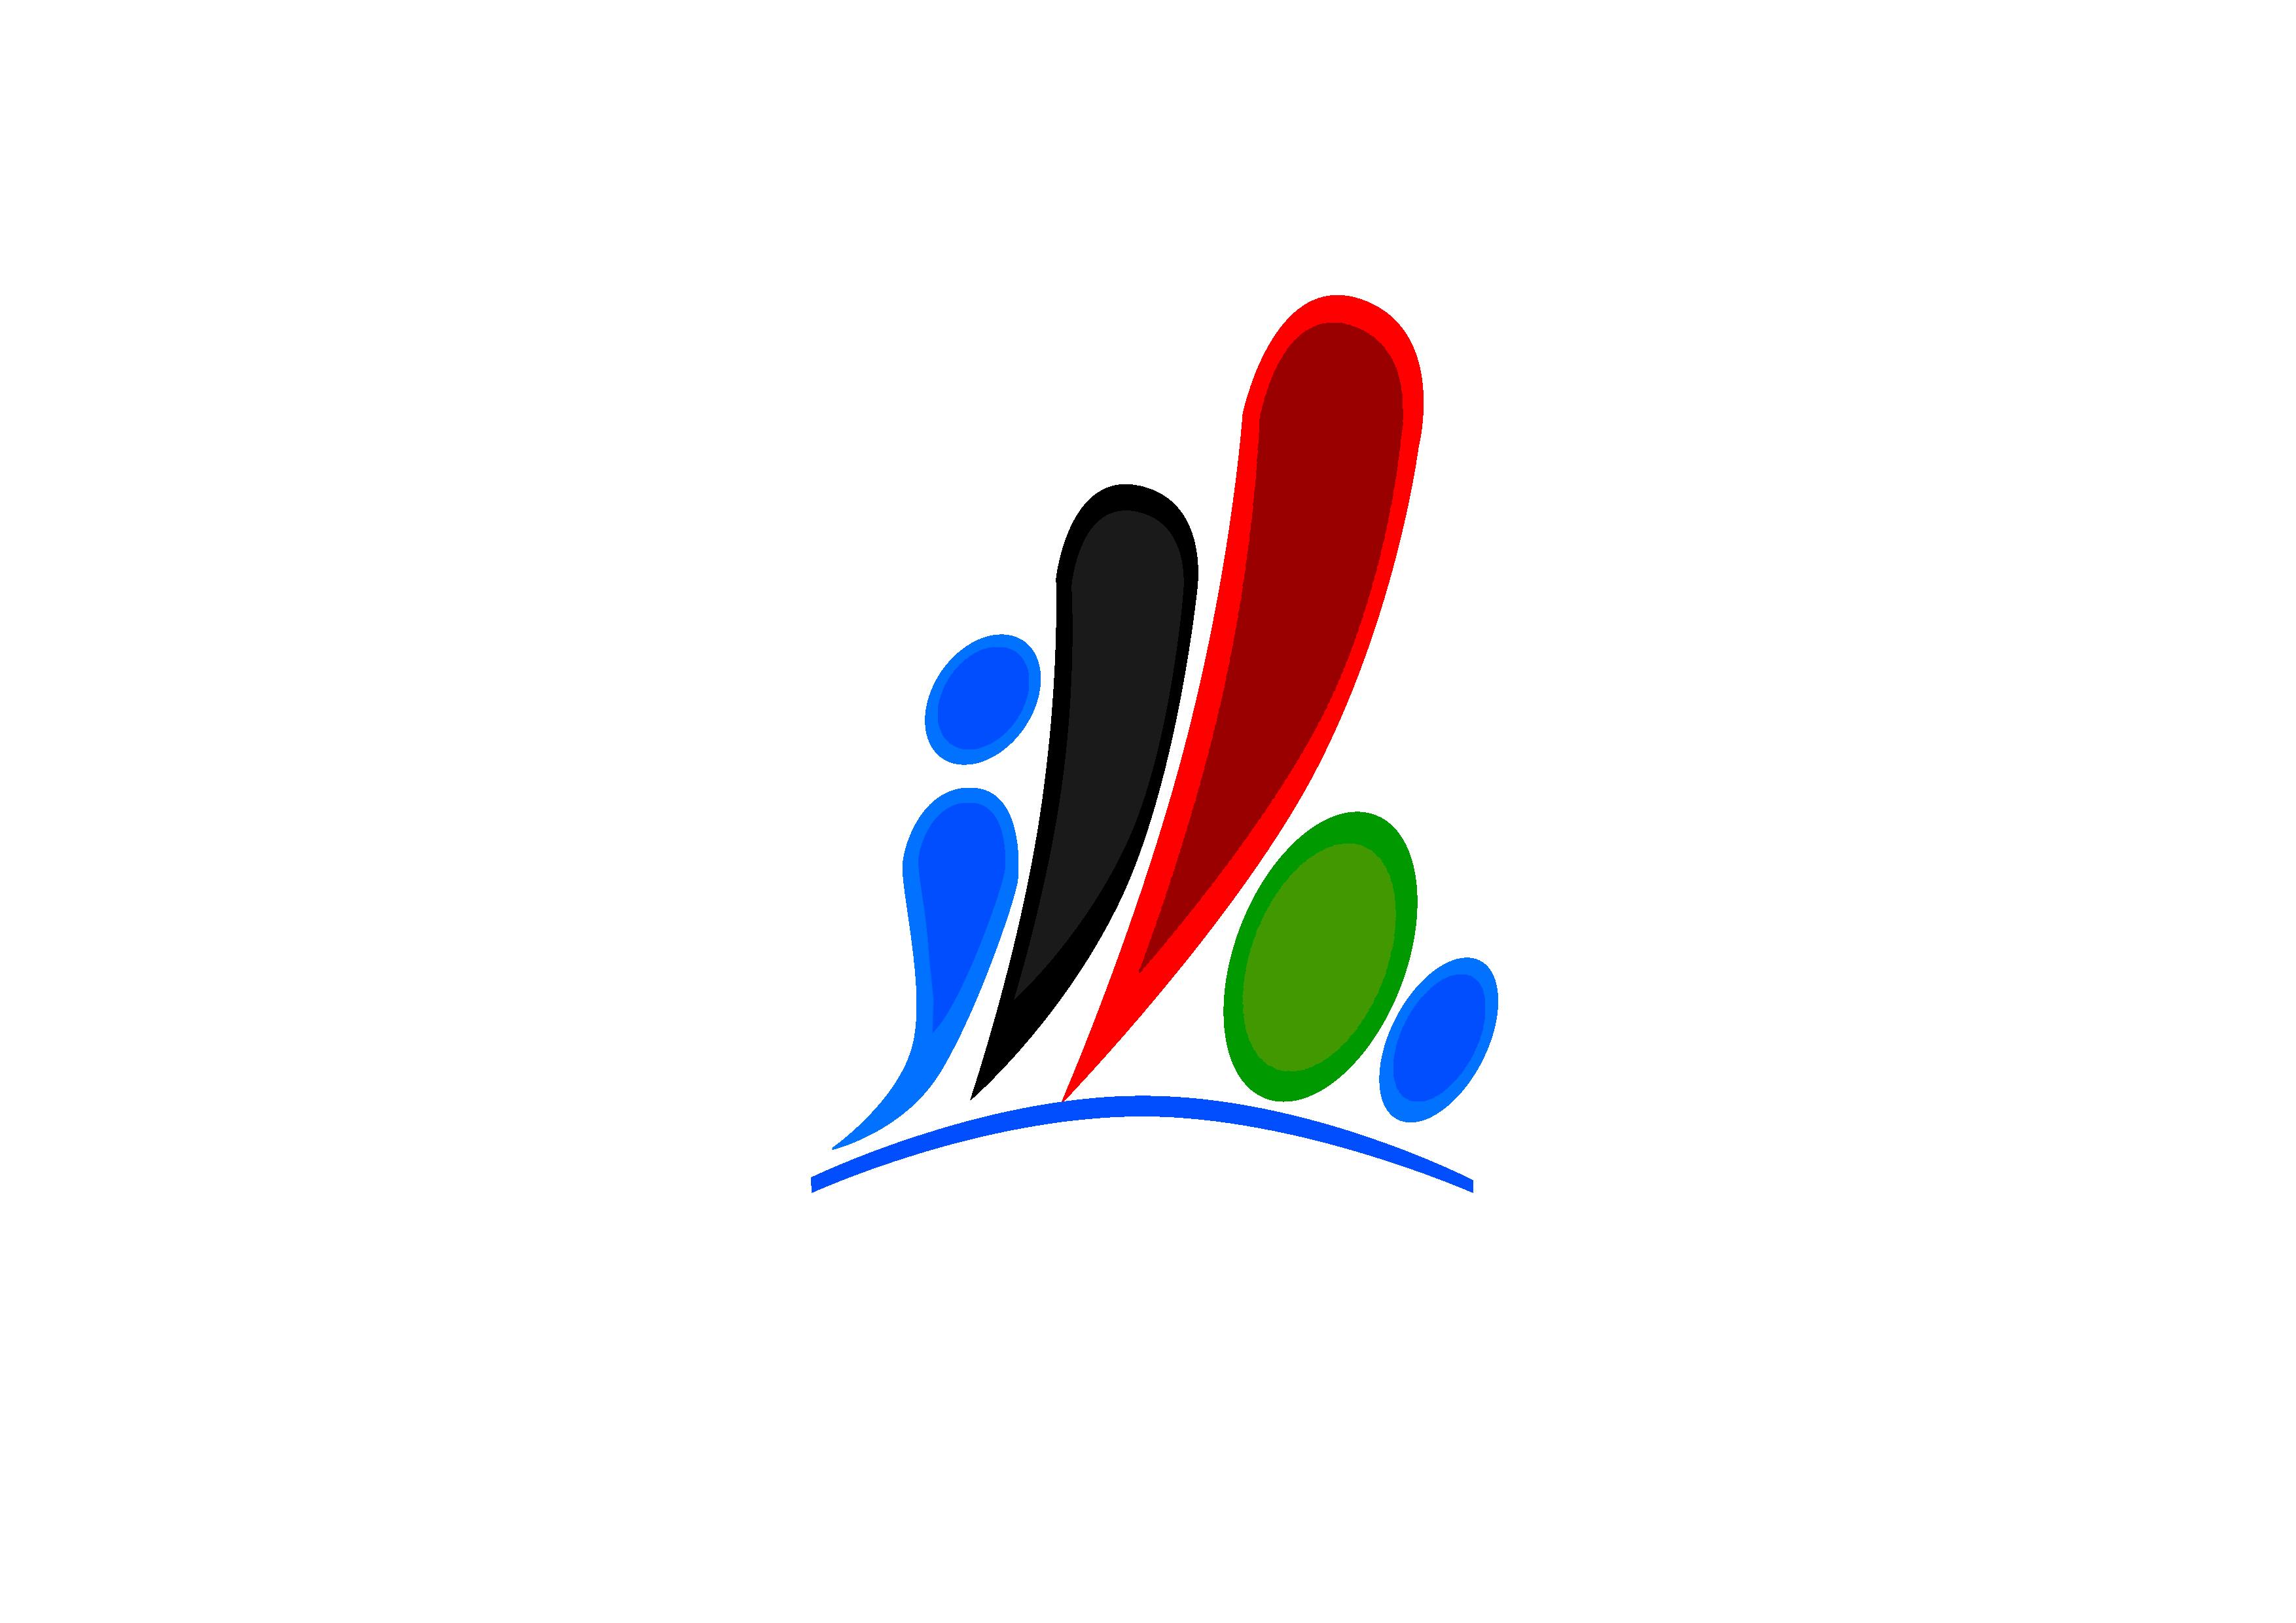 Logo maarif clipart png transparent File:Maarif TV logo.jpg - Wikimedia Commons png transparent